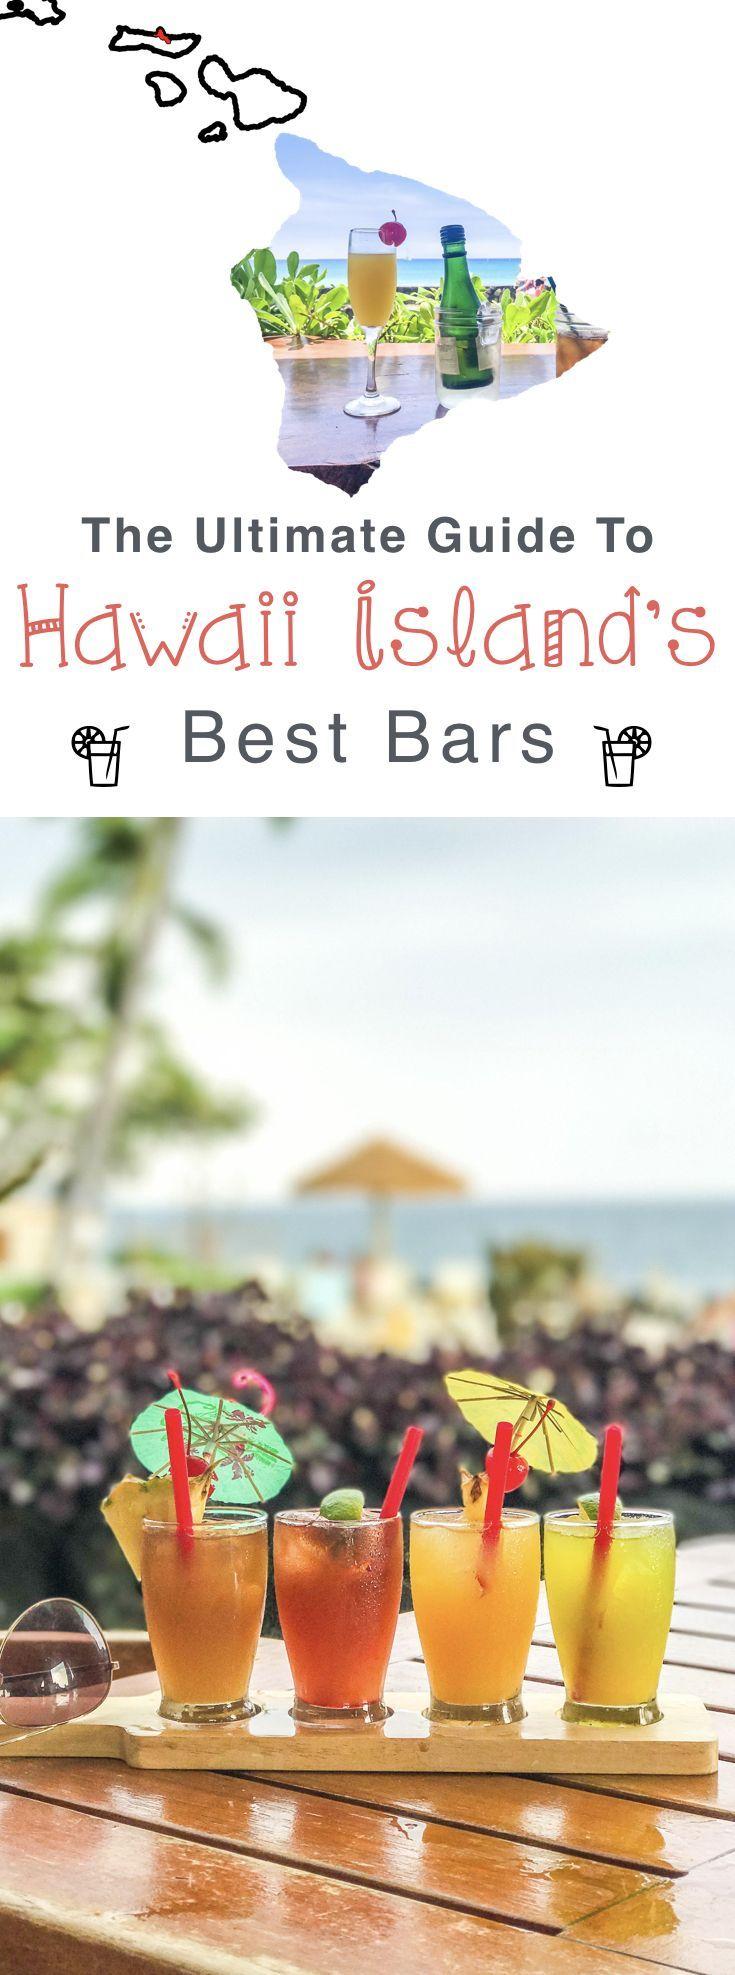 Hawaii Big Island Guide: The best bars & restaurants in Kona, Hawaii.